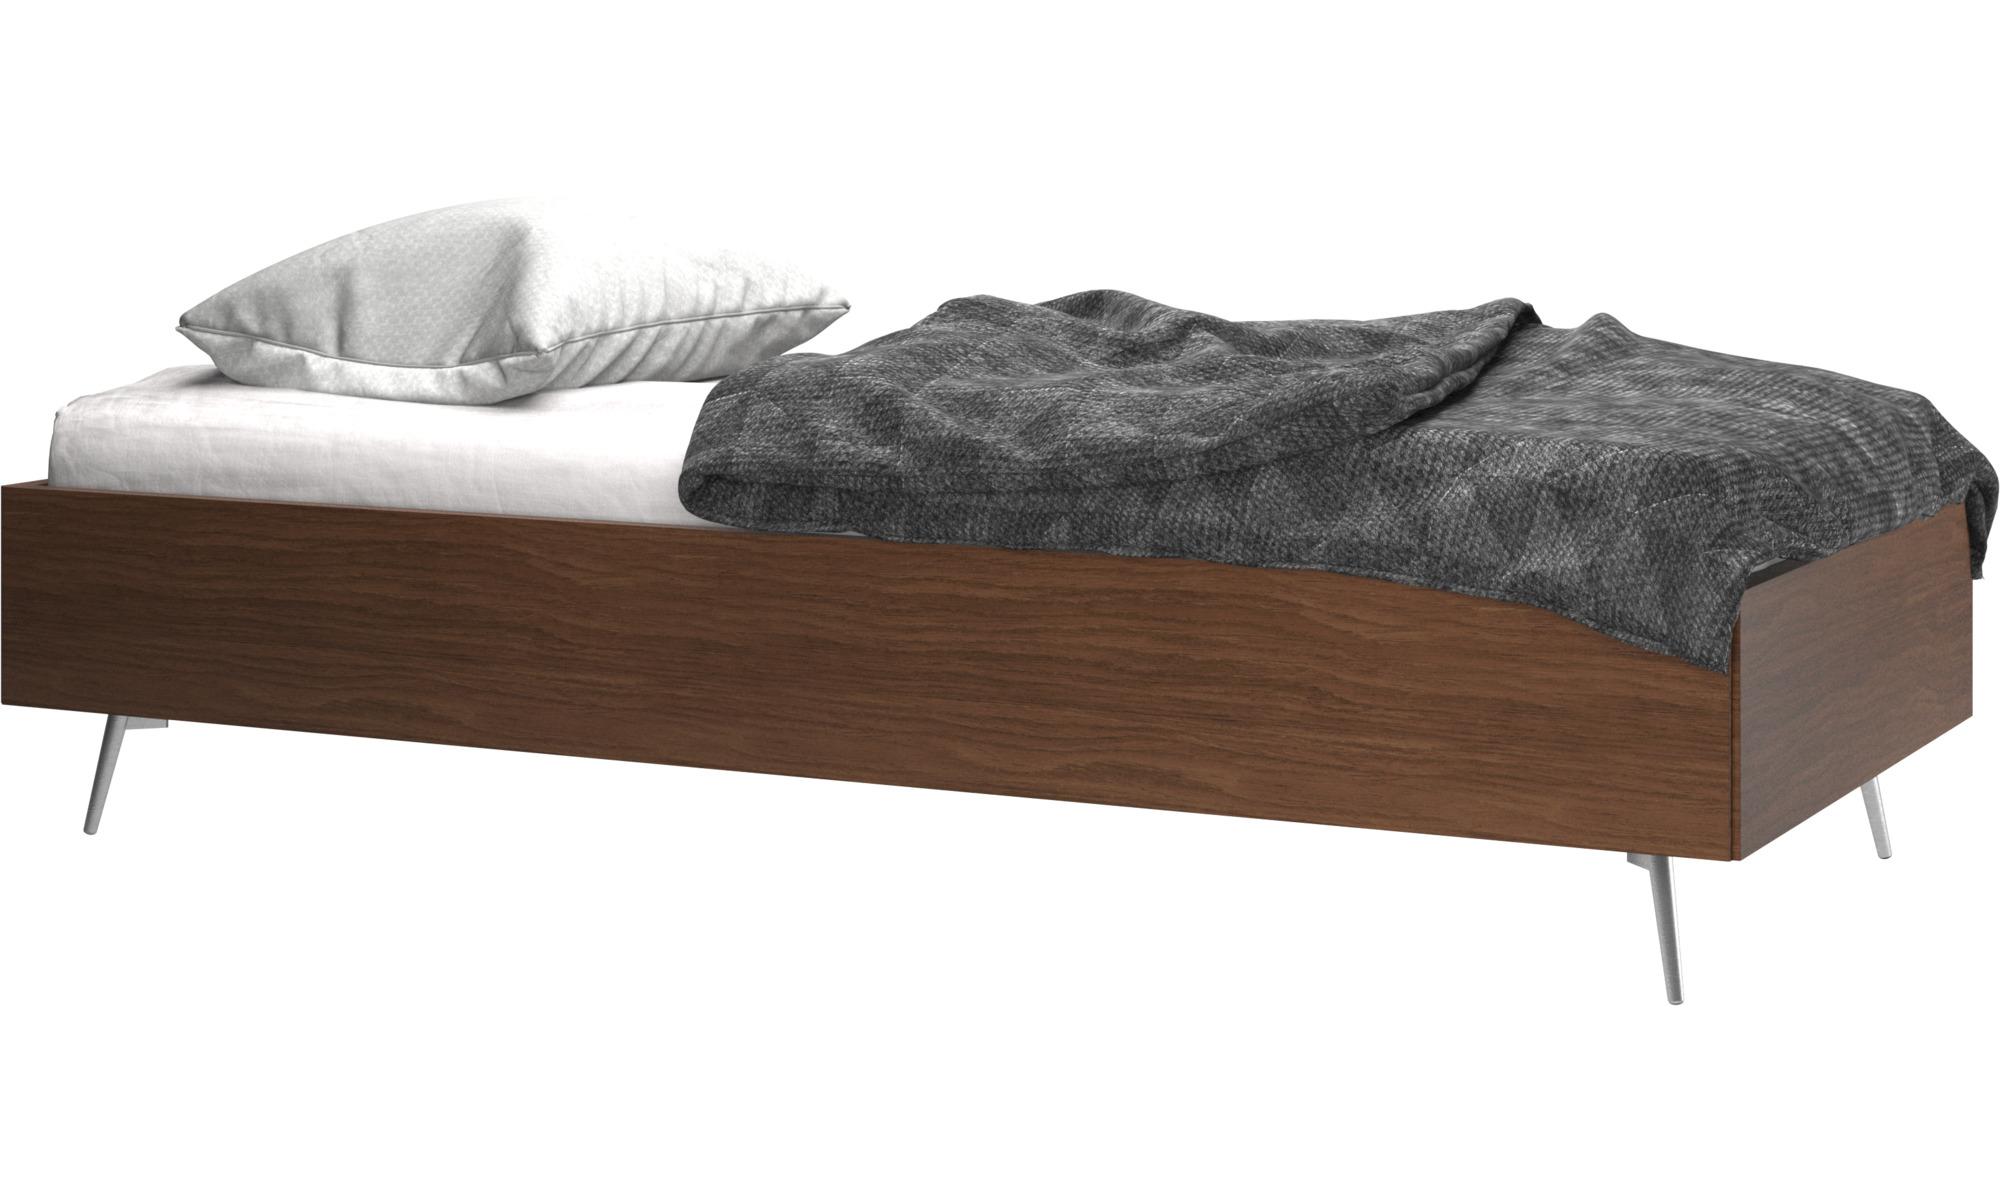 Full Size of Bett Mit Matratze Betten Lugano Romantisches Esstisch Baumkante Kaufen 140x200 Günstige Küche E Geräten Kopfteile Für Hunde Stauraum Sofa Relaxfunktion Bett Bett Mit Matratze